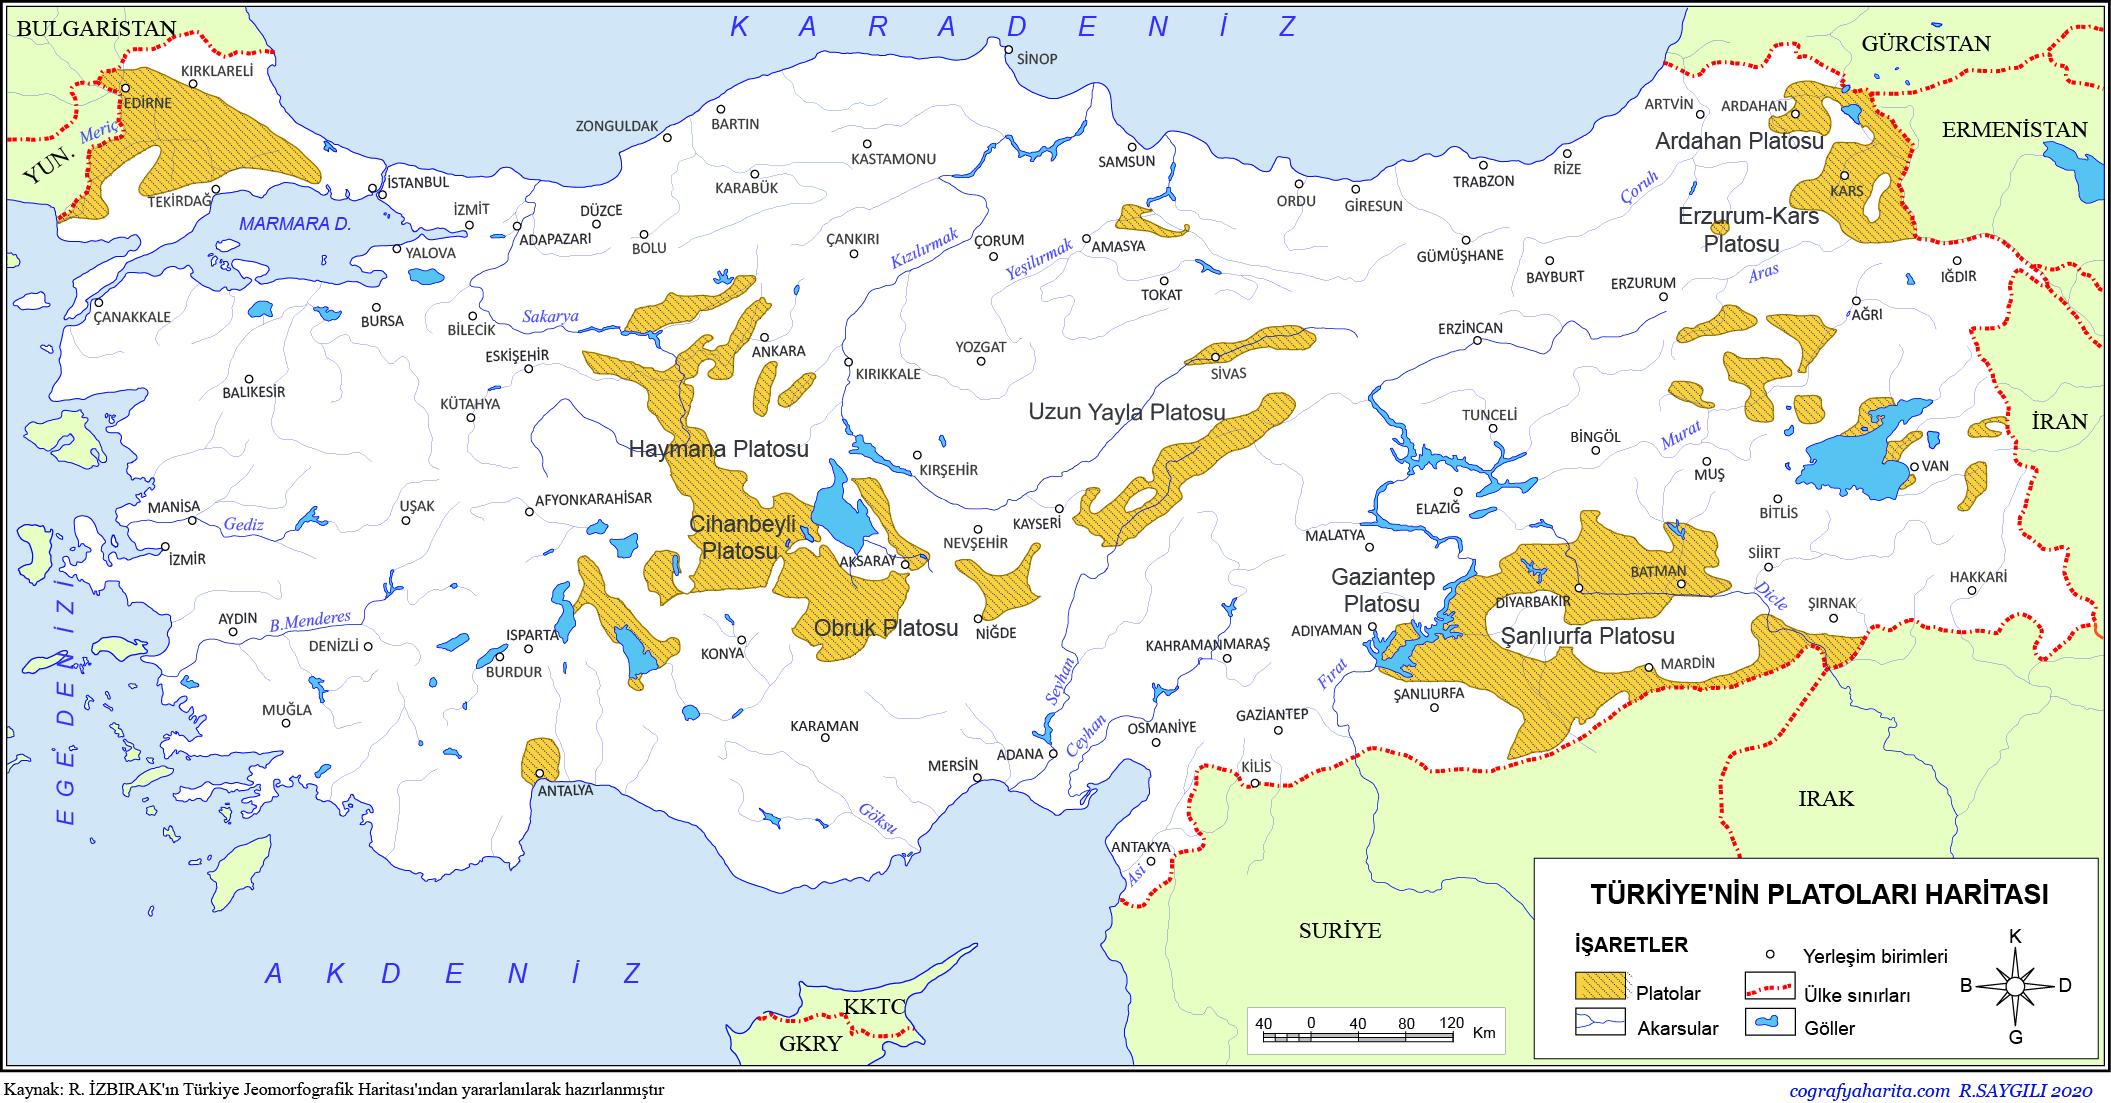 Türkiye'nin Plâtoları Haritası